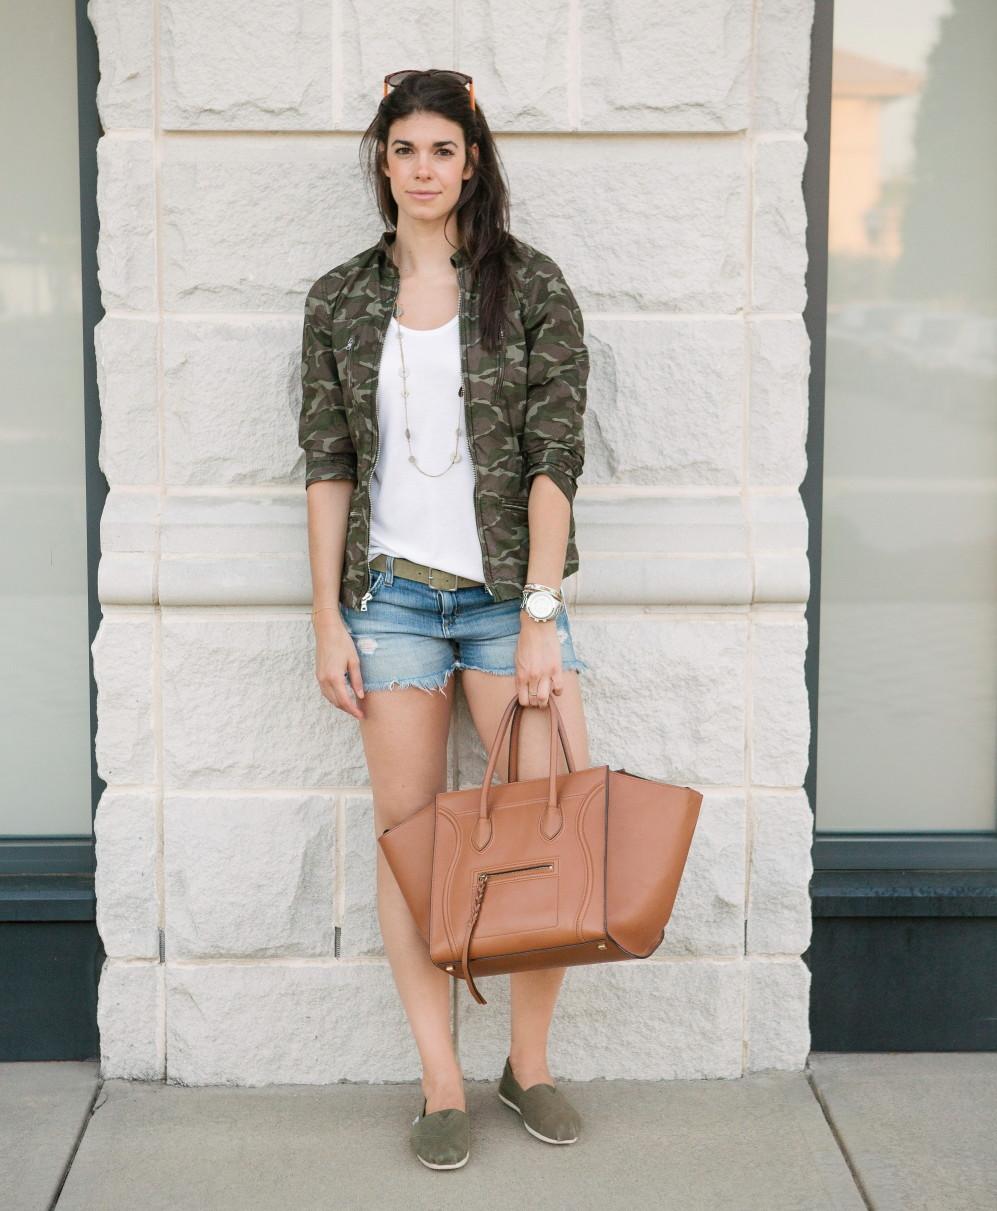 Lauren Schwaiger - Casual Cool Style